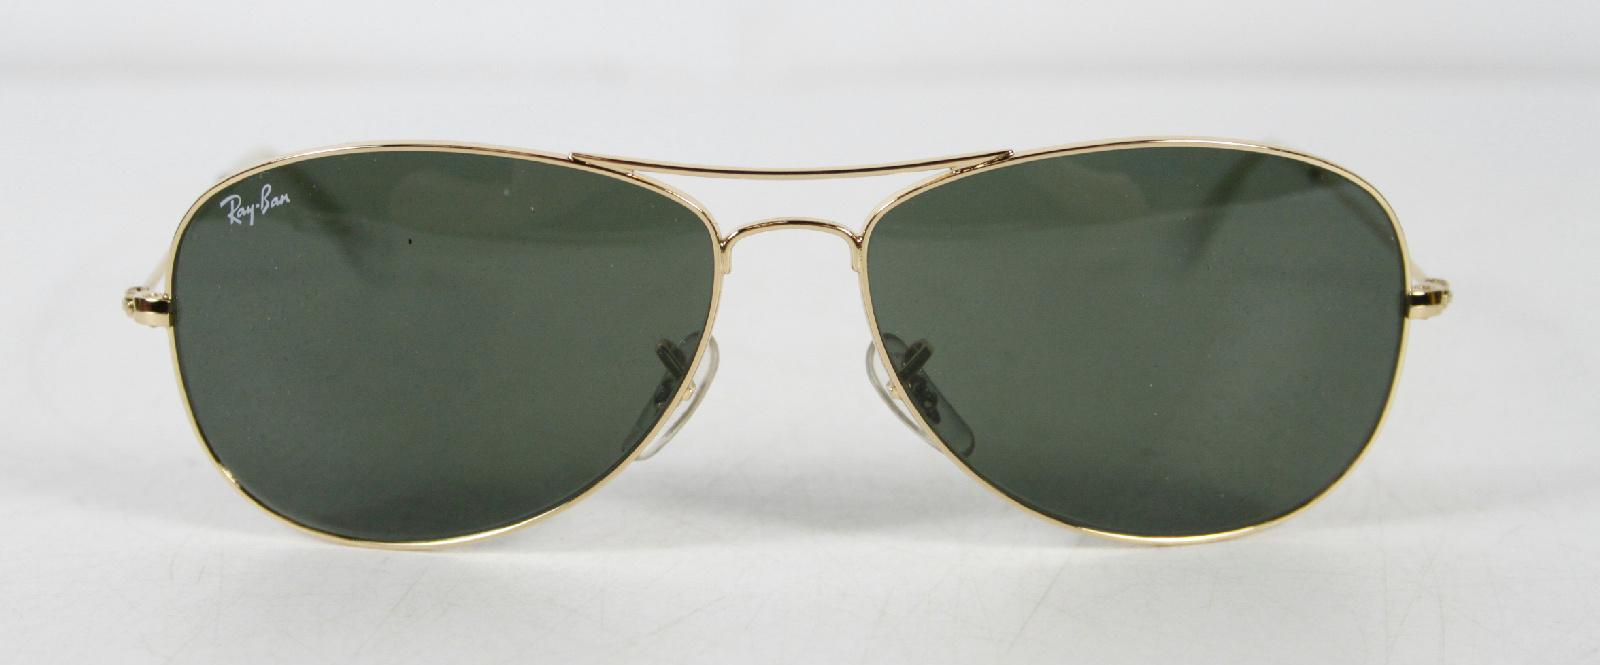 Aviator Sunglasses Gold Frame Black Lens : Ray Ban Gold Frame Green Lens Pilot Sunglasses Black Case ...